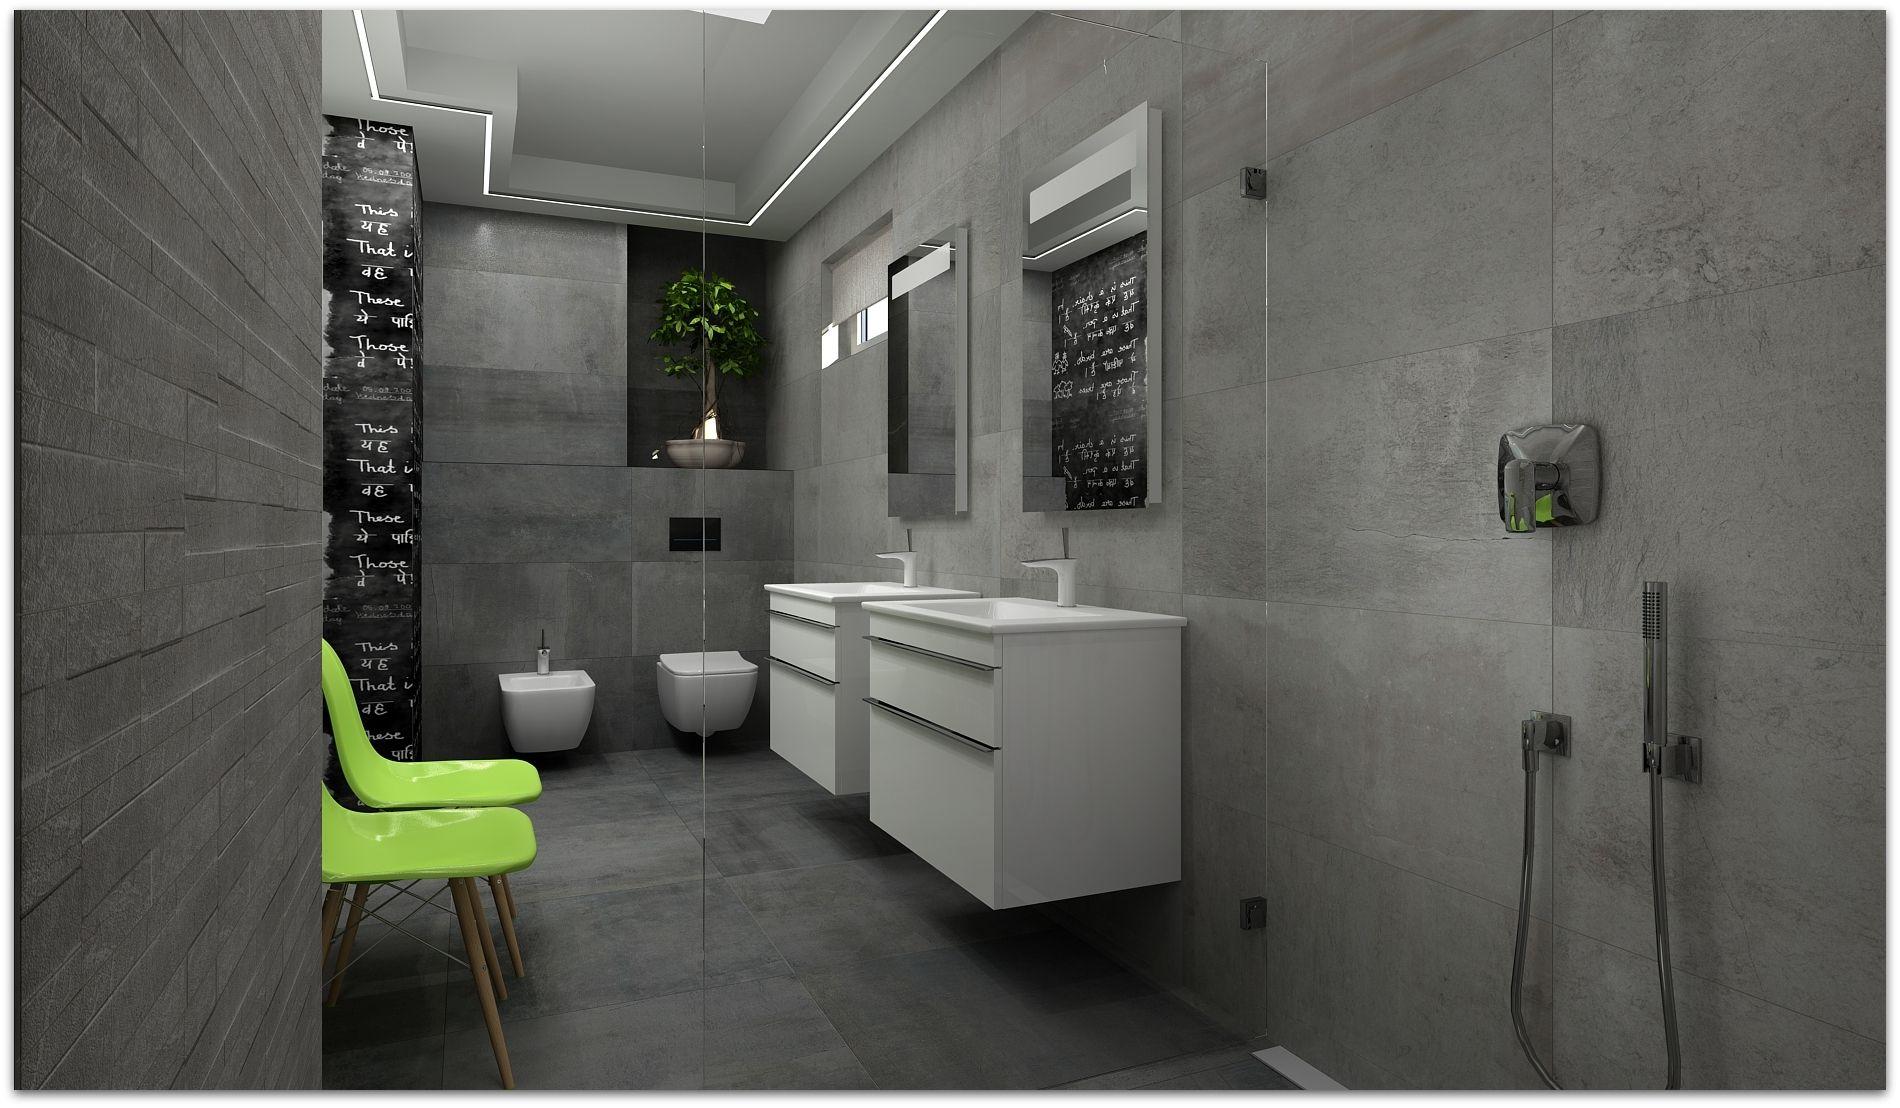 Badkamer Ontwerp Software : Stone bathroom design met visoft badkamer ontwerp programma